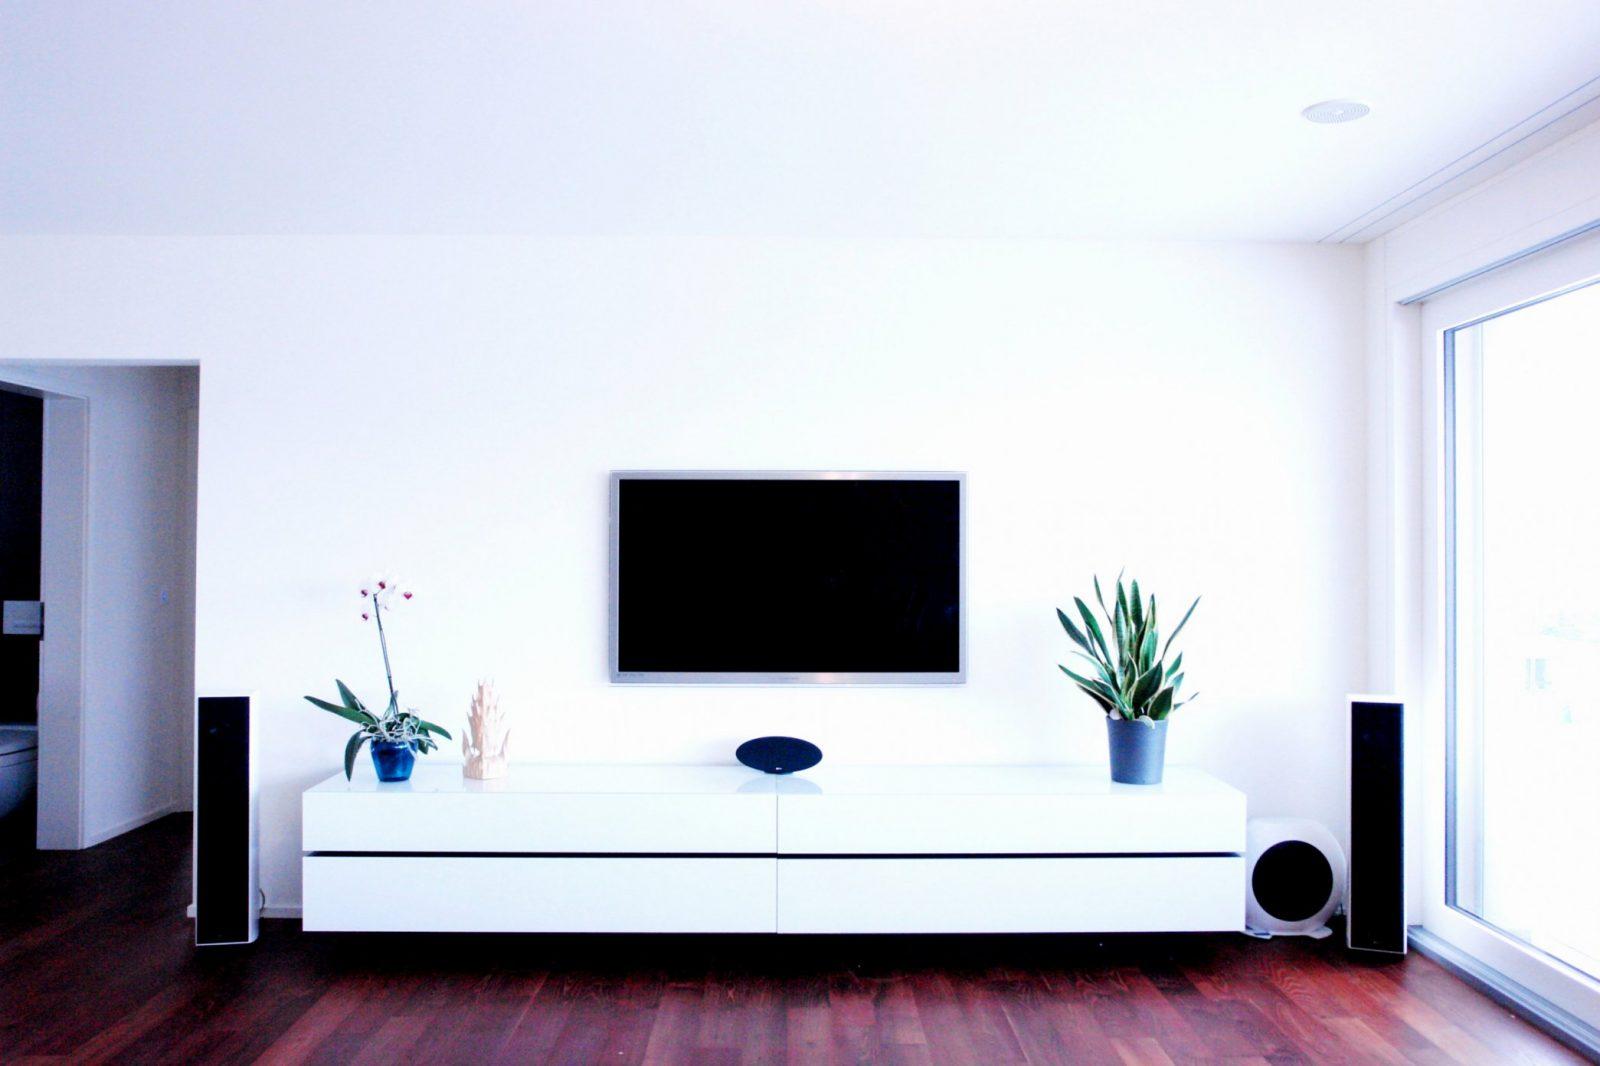 35 Chic Tv An Wand Kabel Verstecken  Ahhadesigns von Fernseher An Die Wand Hängen Kabel Verstecken Bild